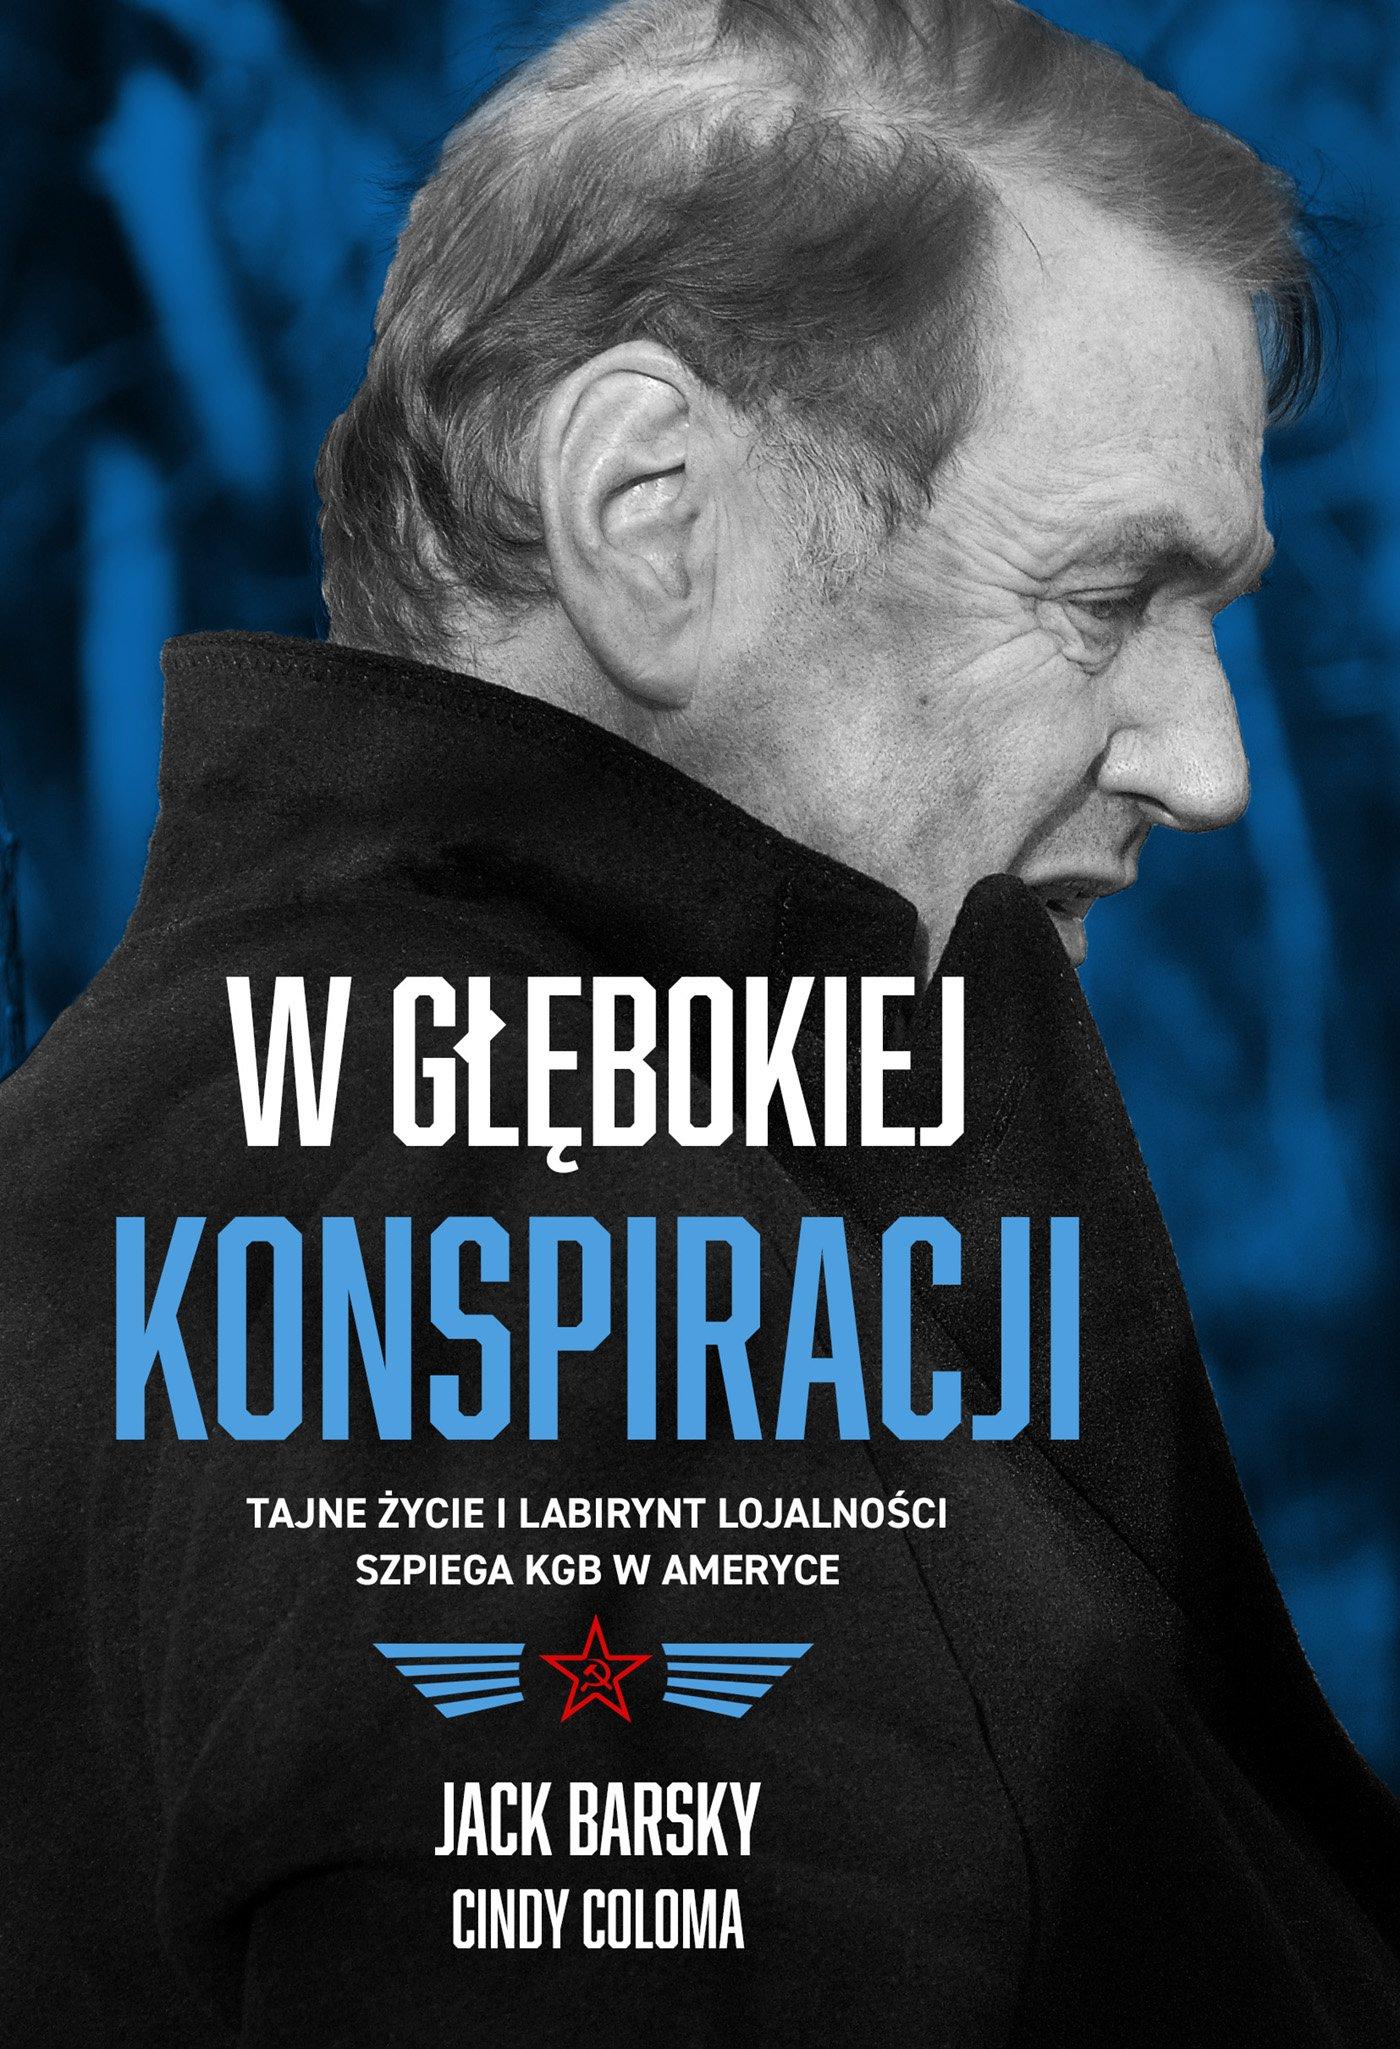 W głębokiej konspiracji. Tajne życie i labirynt lojalności szpiega KGB w Ameryce - Ebook (Książka na Kindle) do pobrania w formacie MOBI